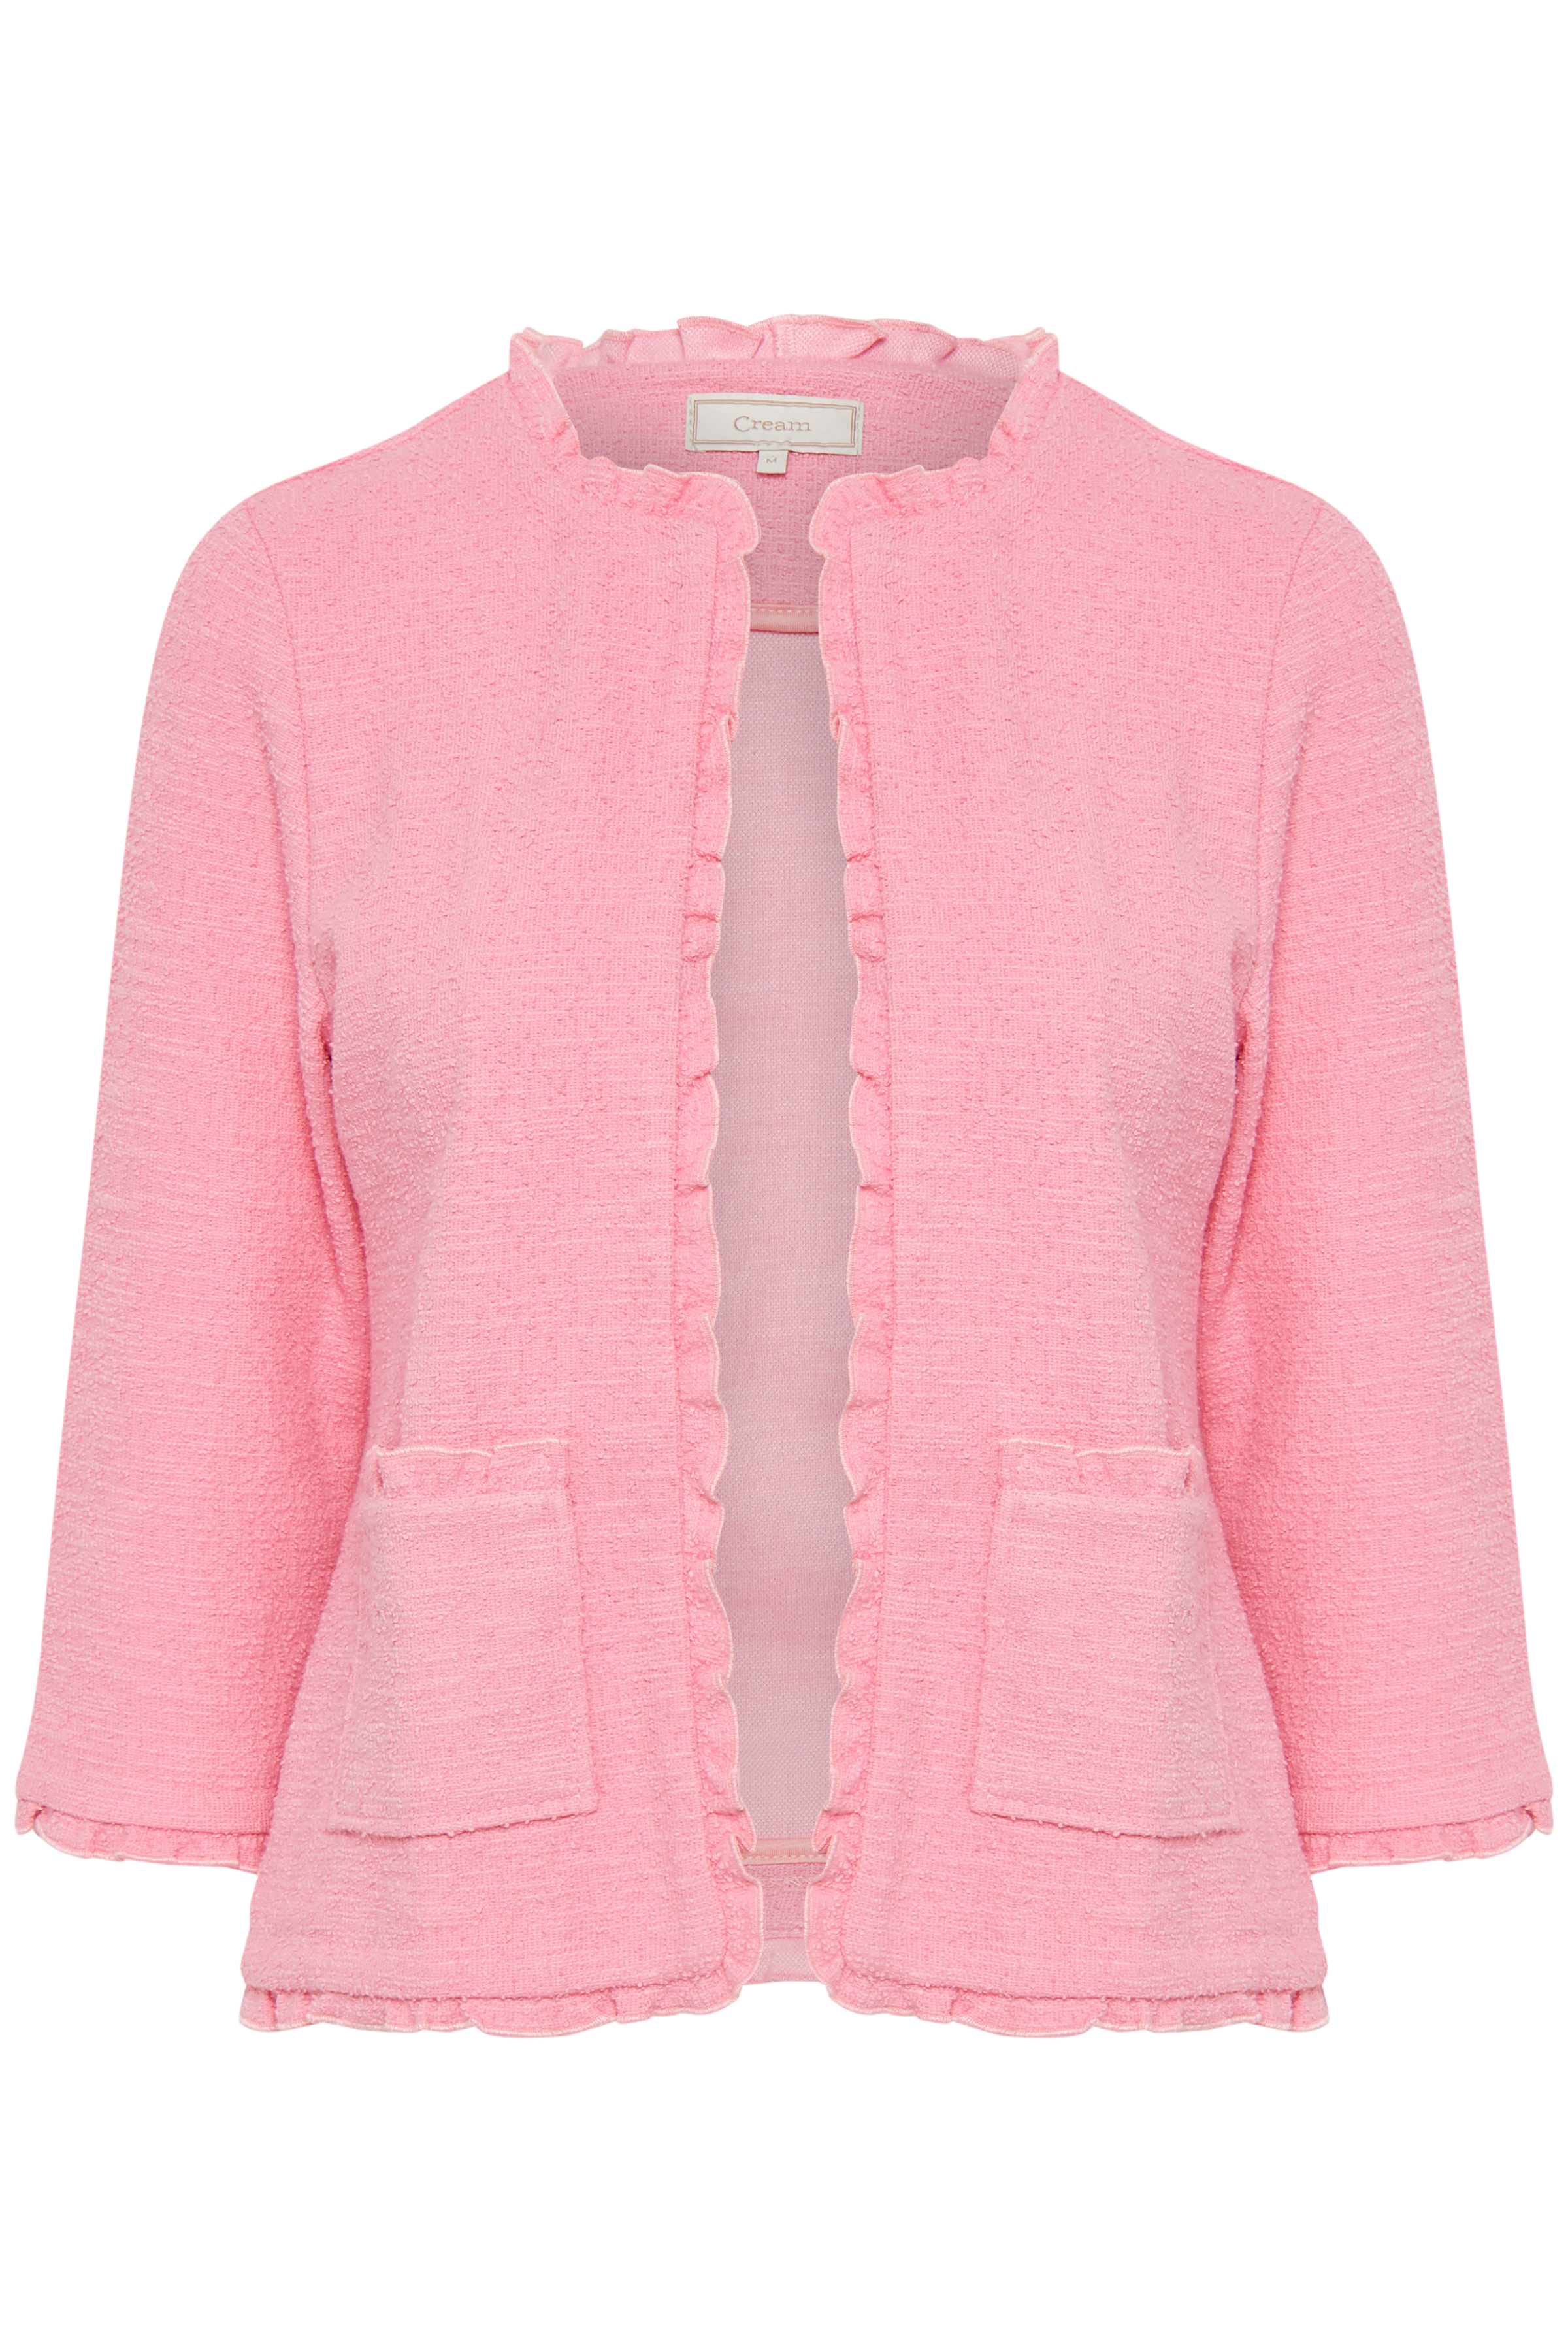 Image of Cream Dame Meget fin Nellie åbenstående cardigan - Pink